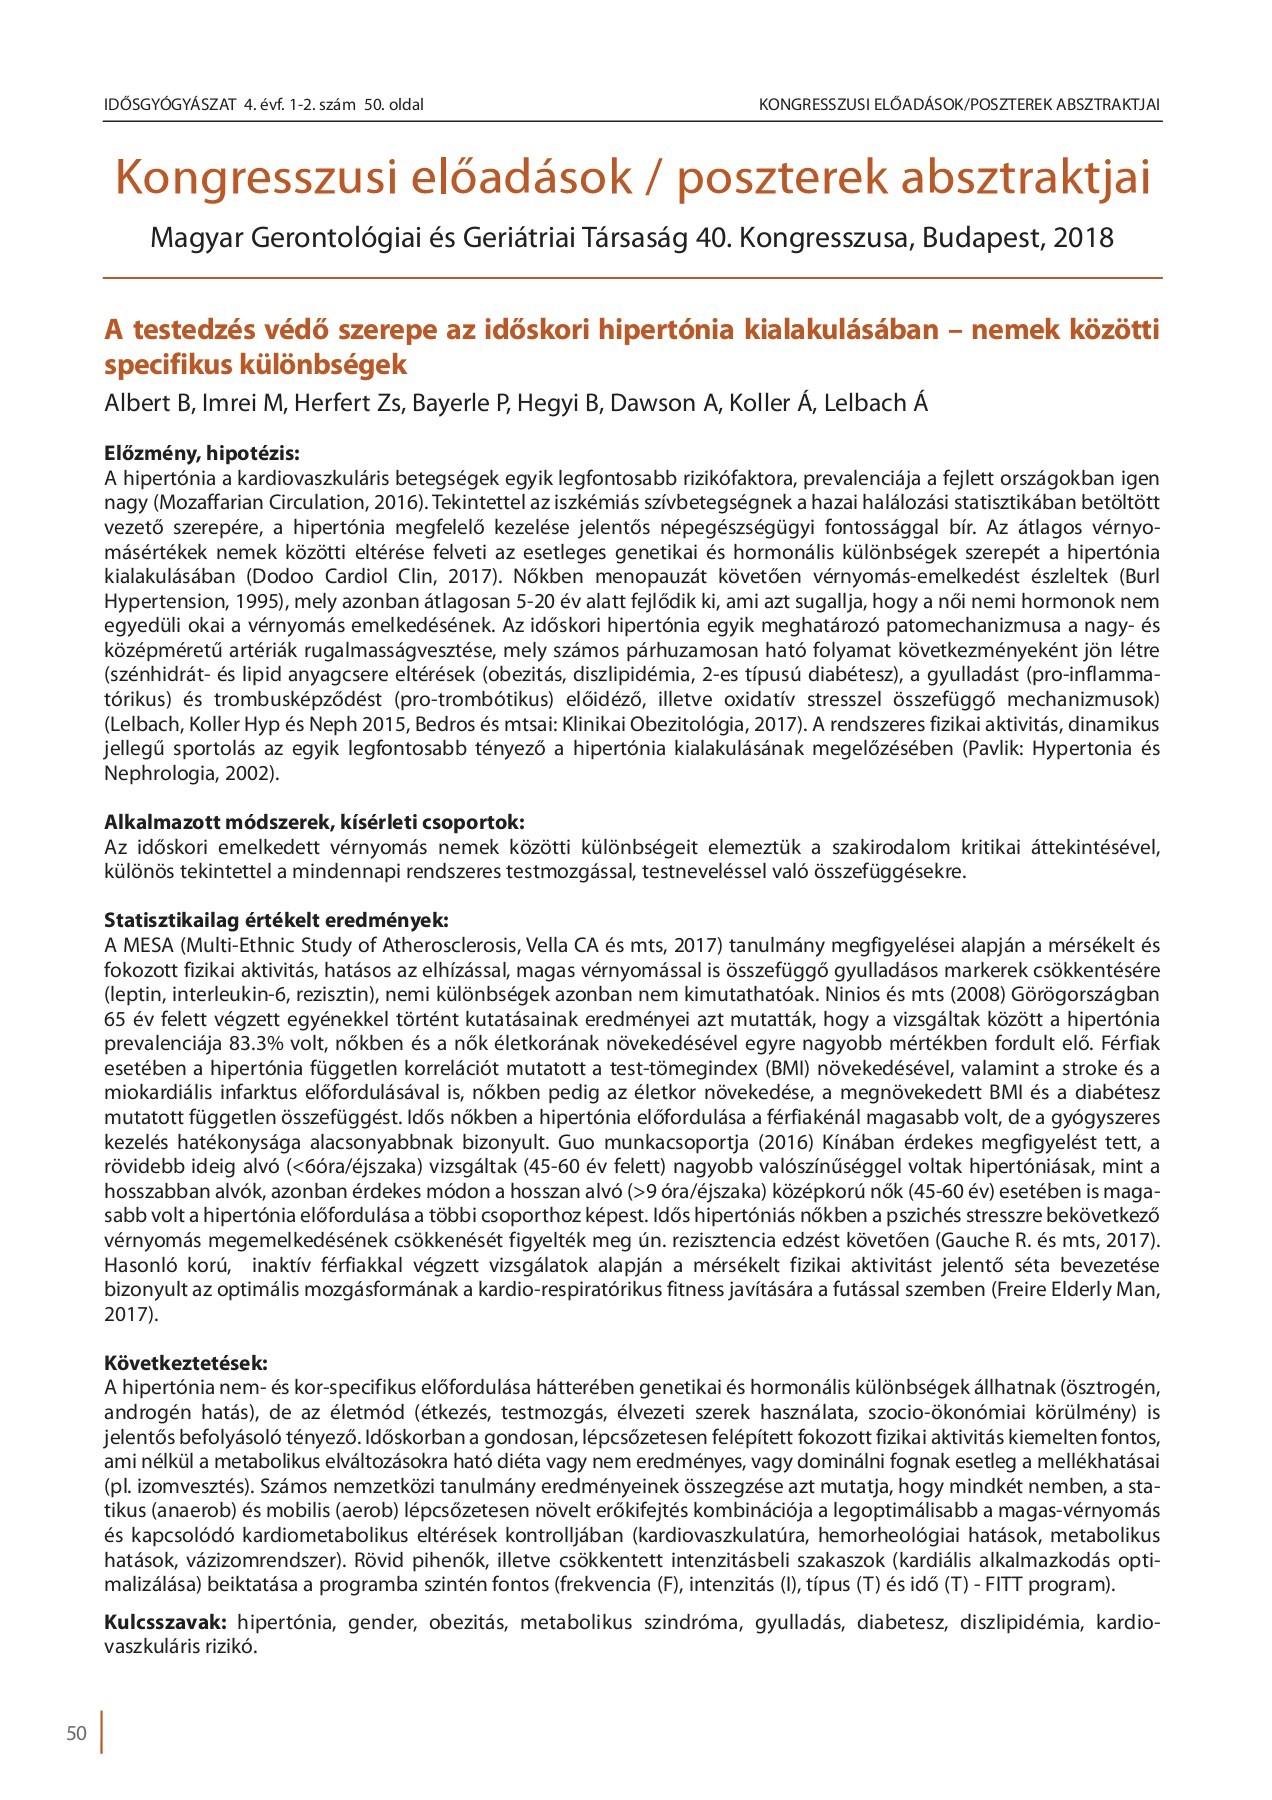 Anabolikus szteroidok alkalmazására utaló jelek